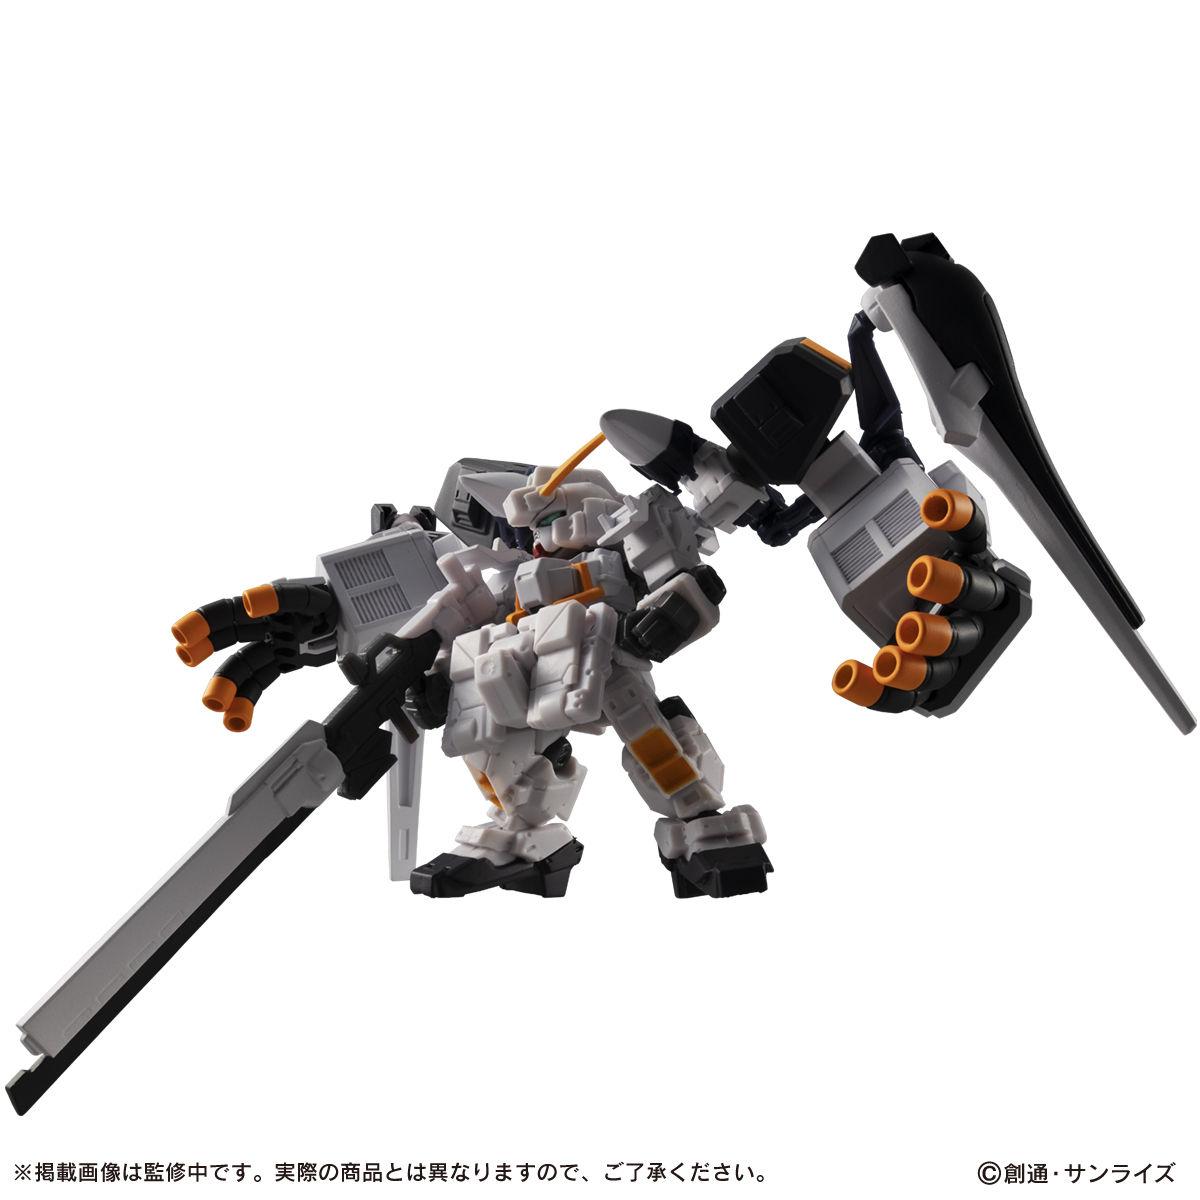 【限定販売】MOBILE SUIT ENSEMBLE『EX22 ギガンティック・アーム・ユニット装備セット』デフォルメ可動フィギュア-003